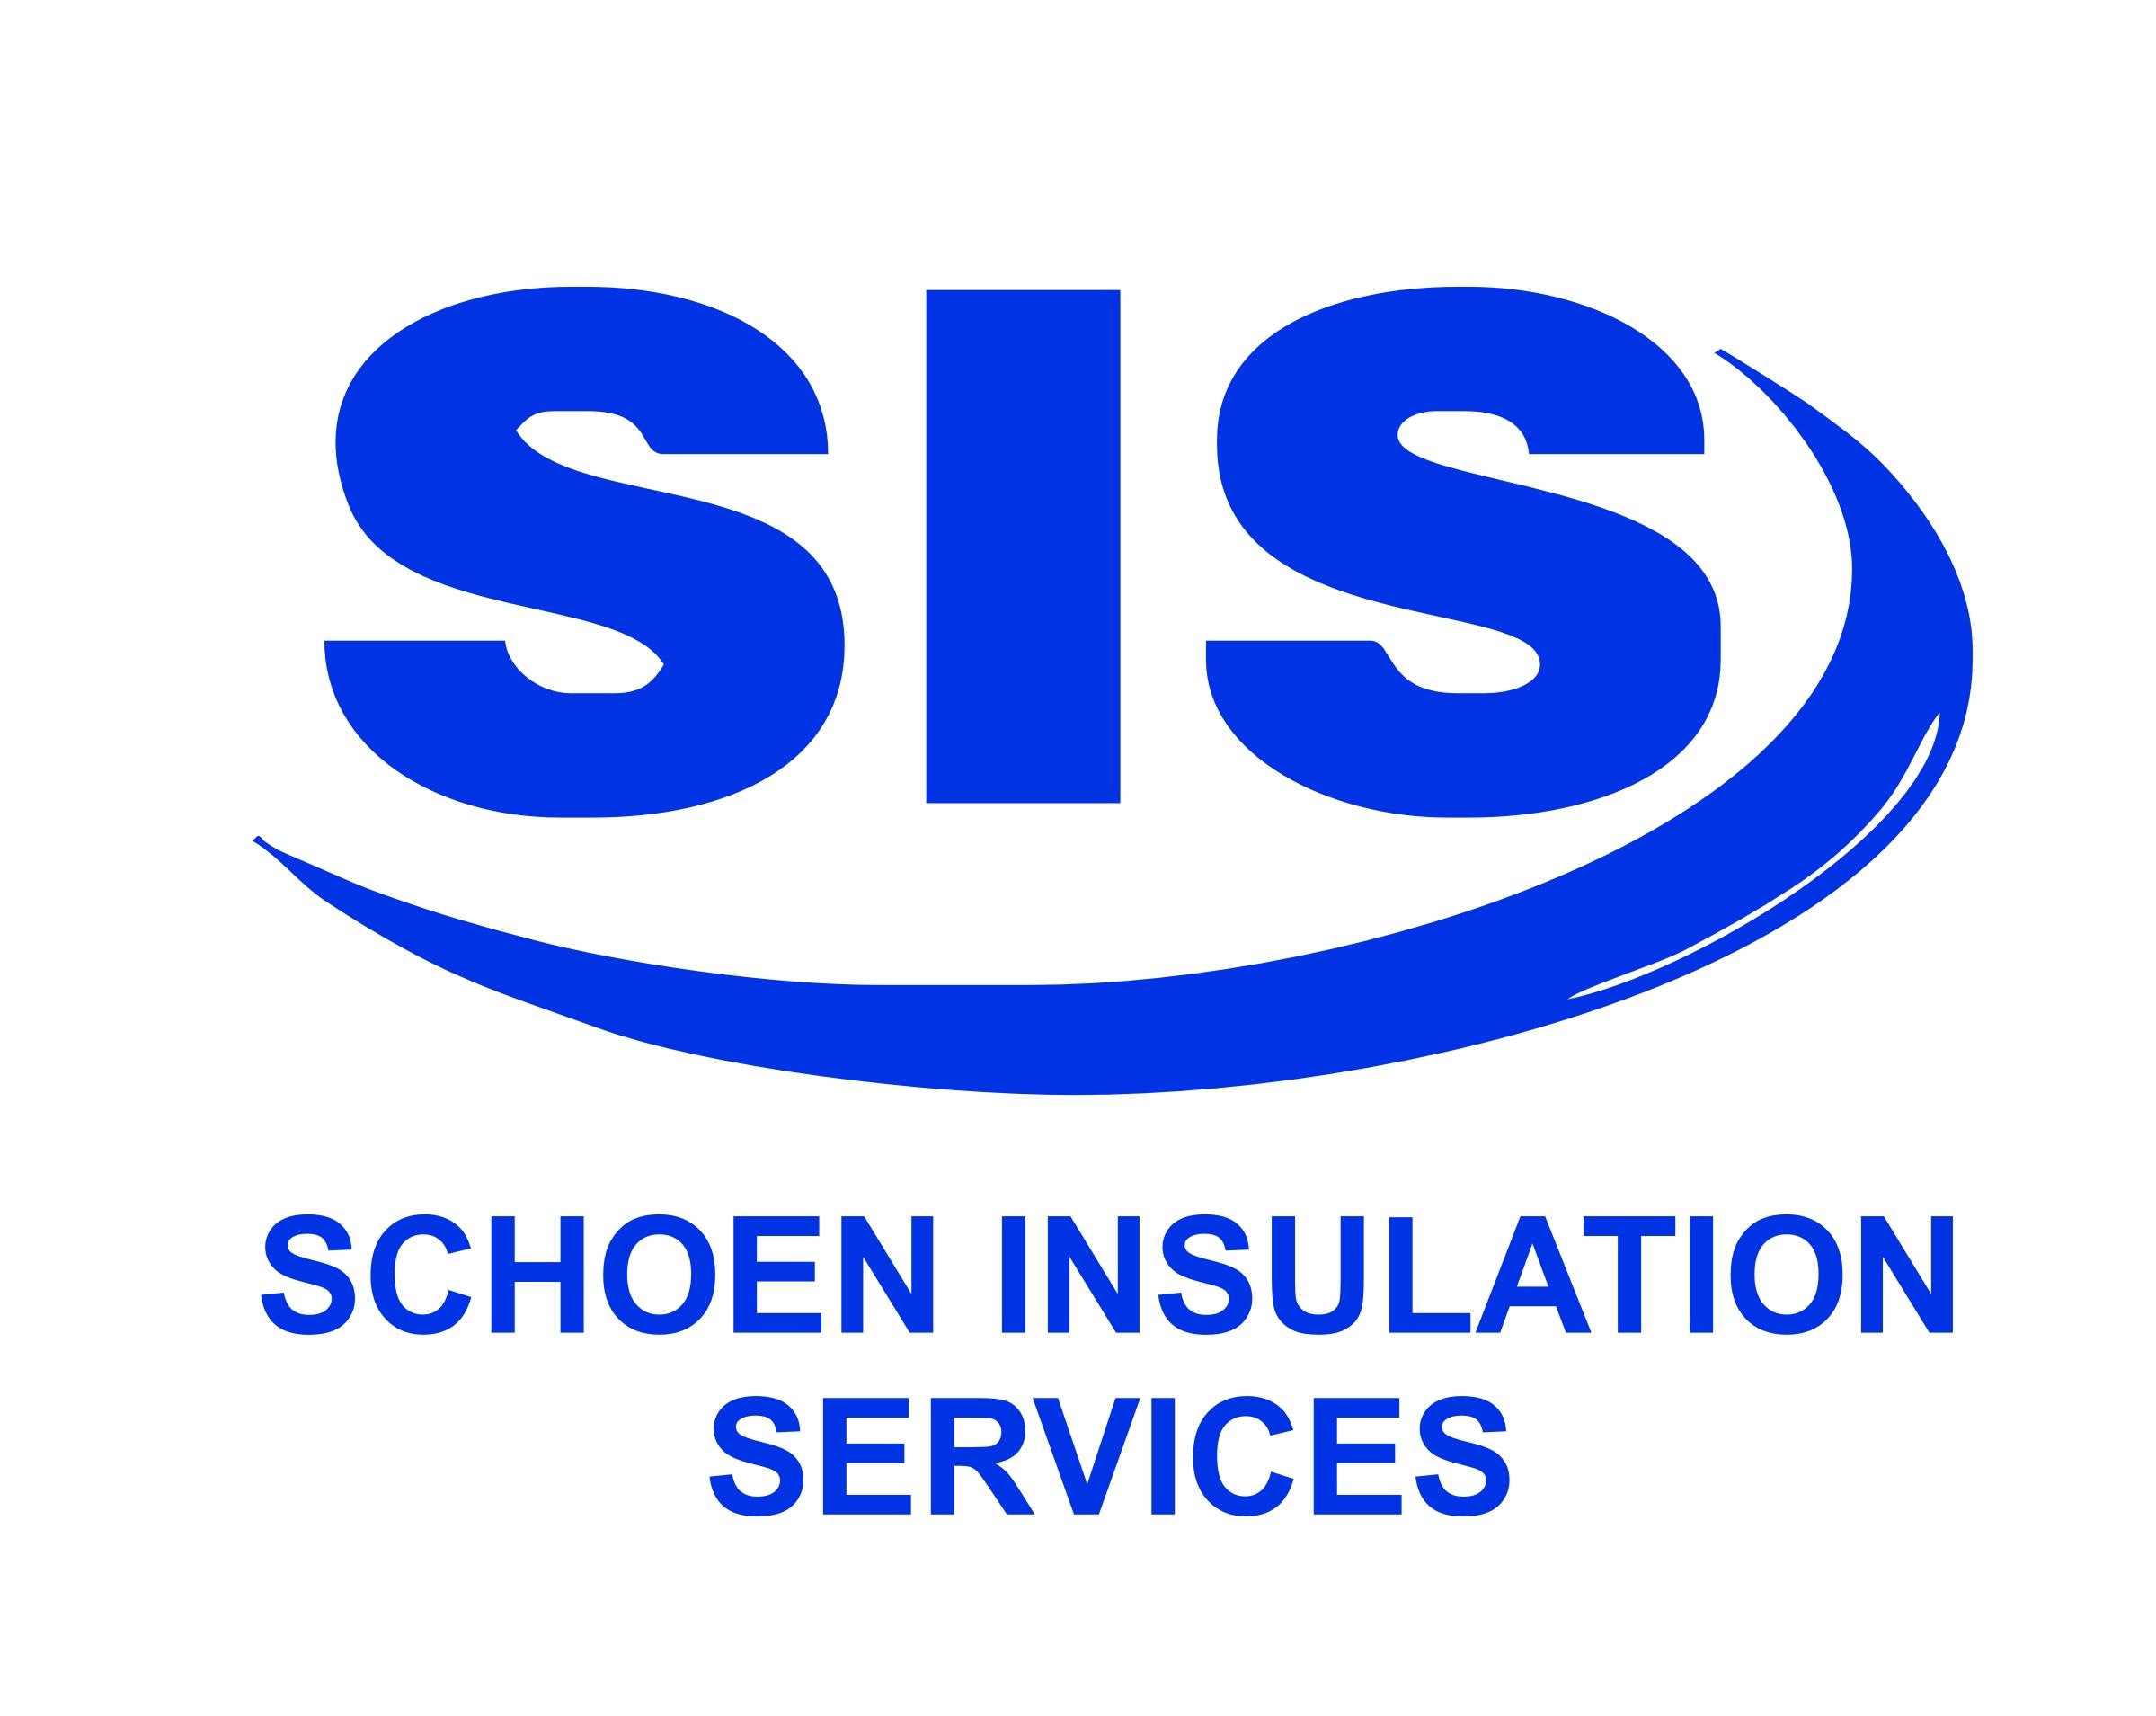 Schoen Insulation Services